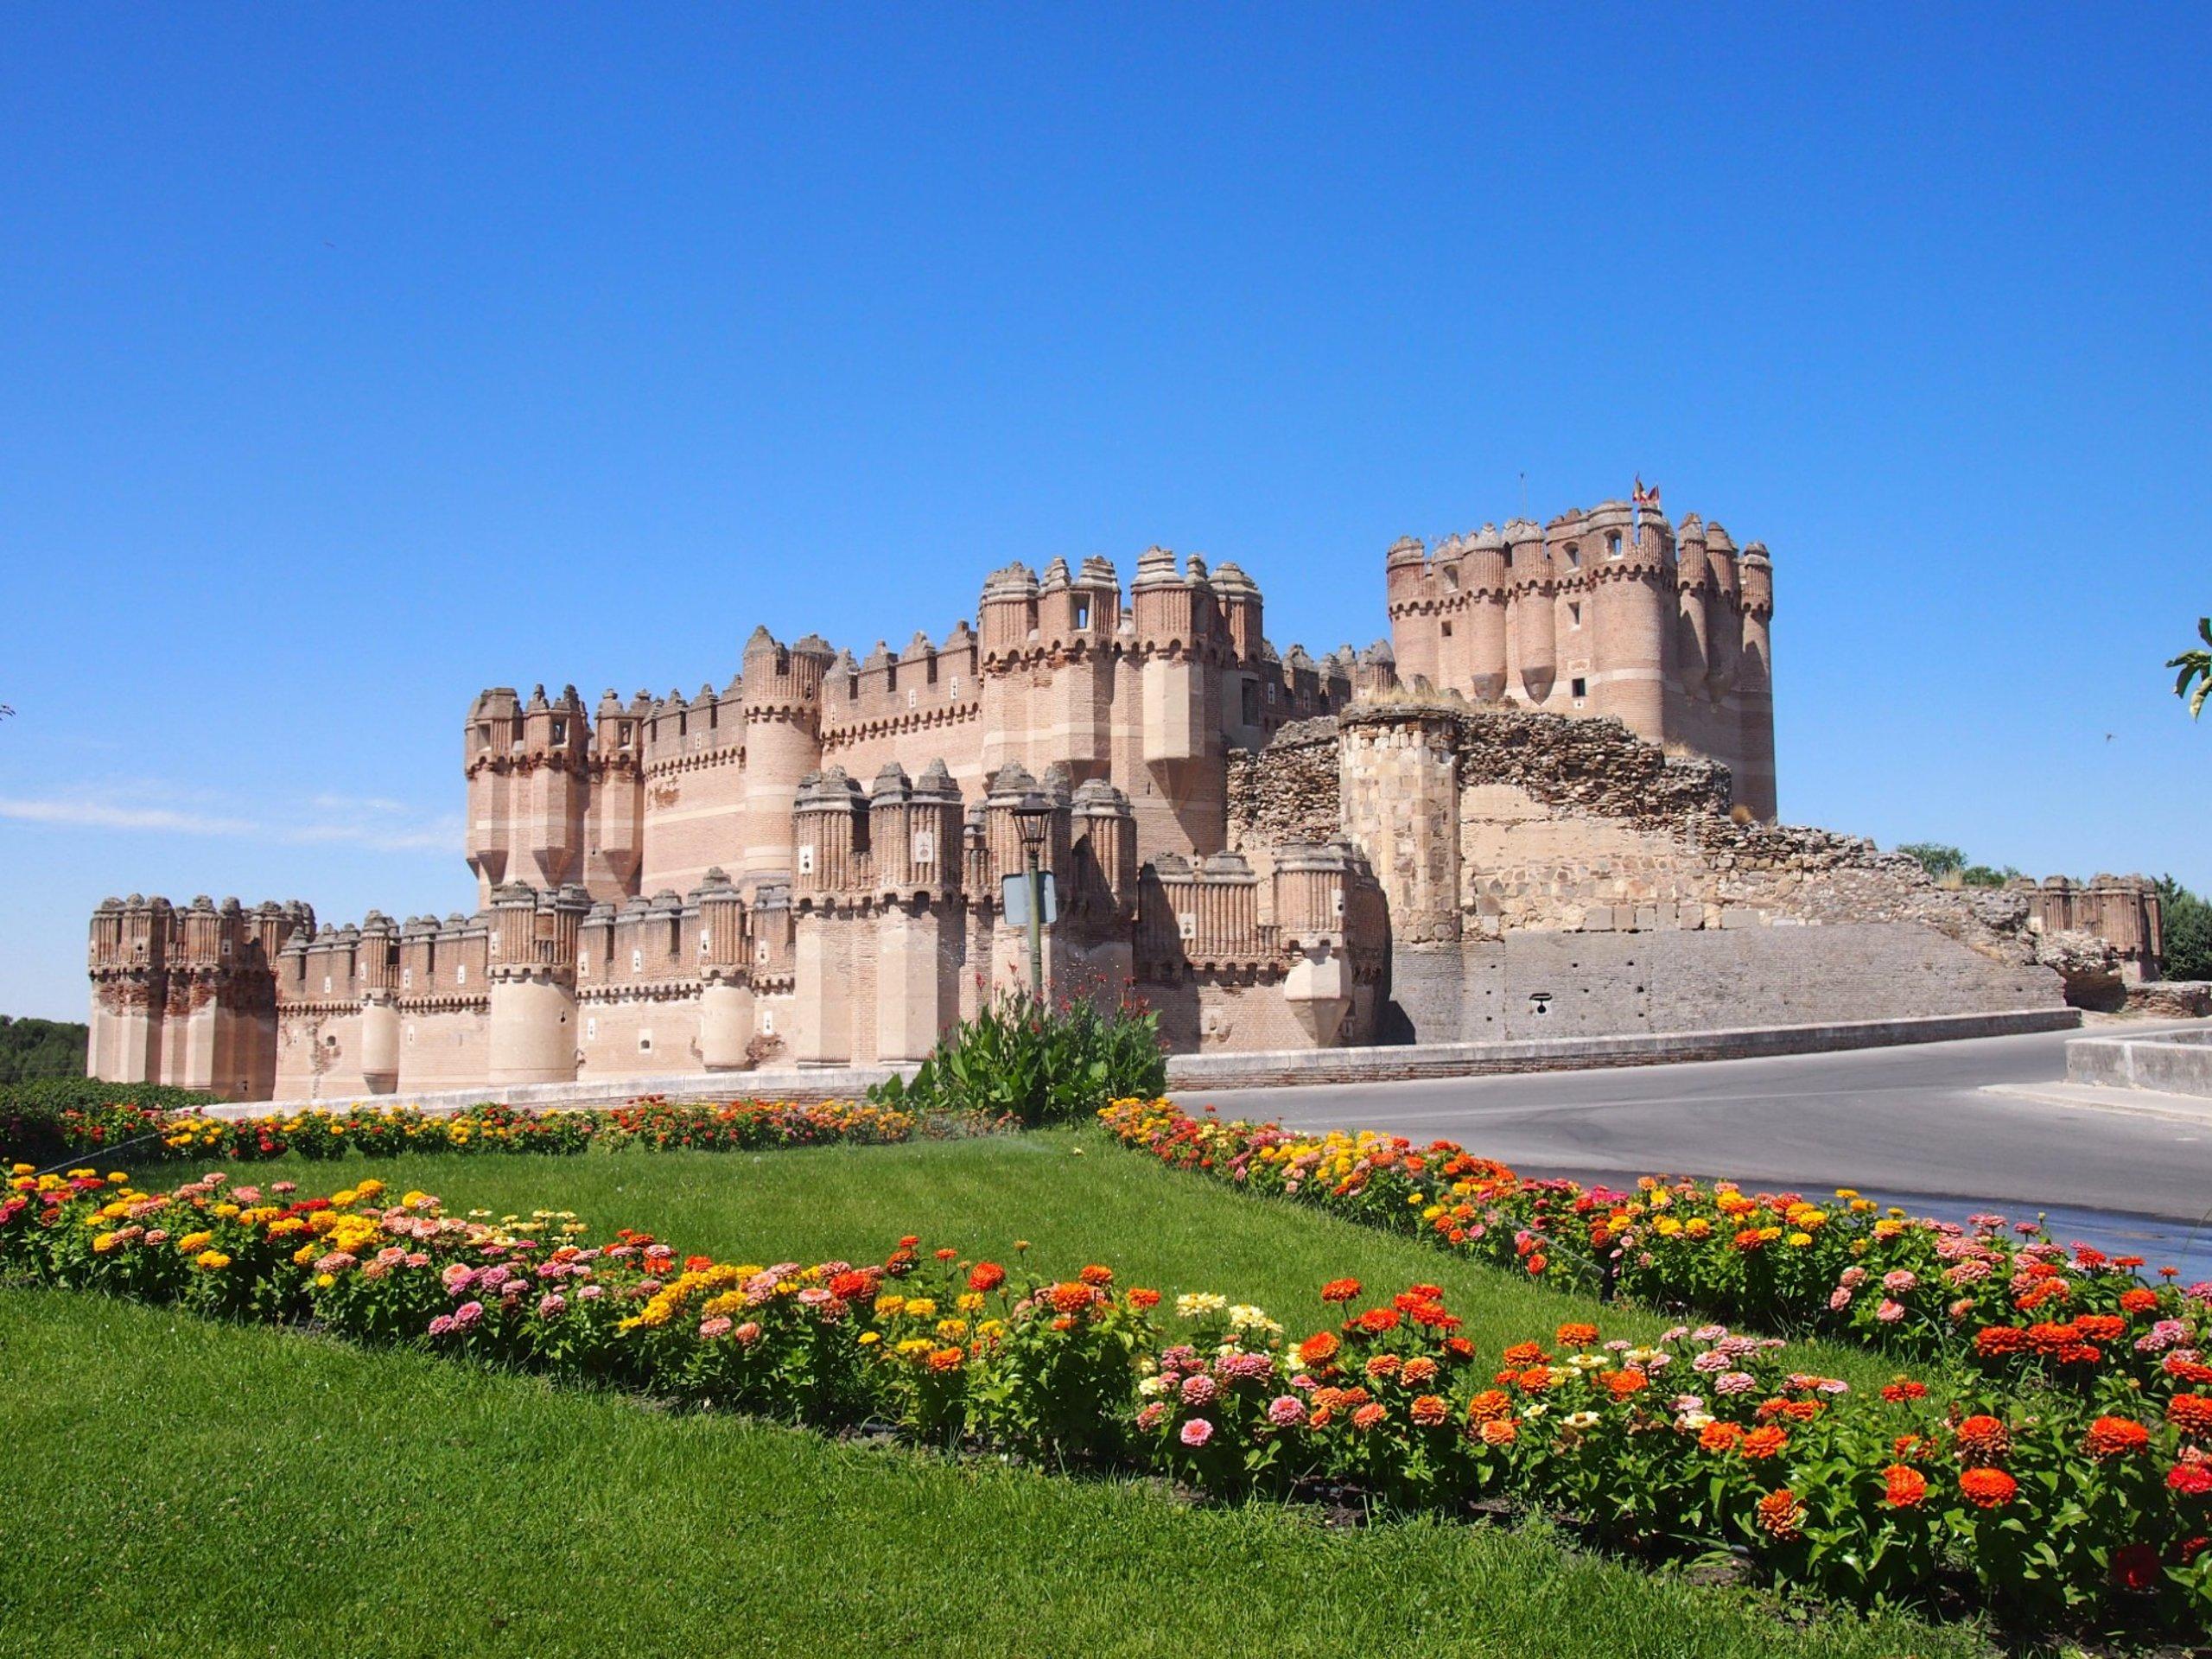 Castillo de Coca, Coca - Castilla y León